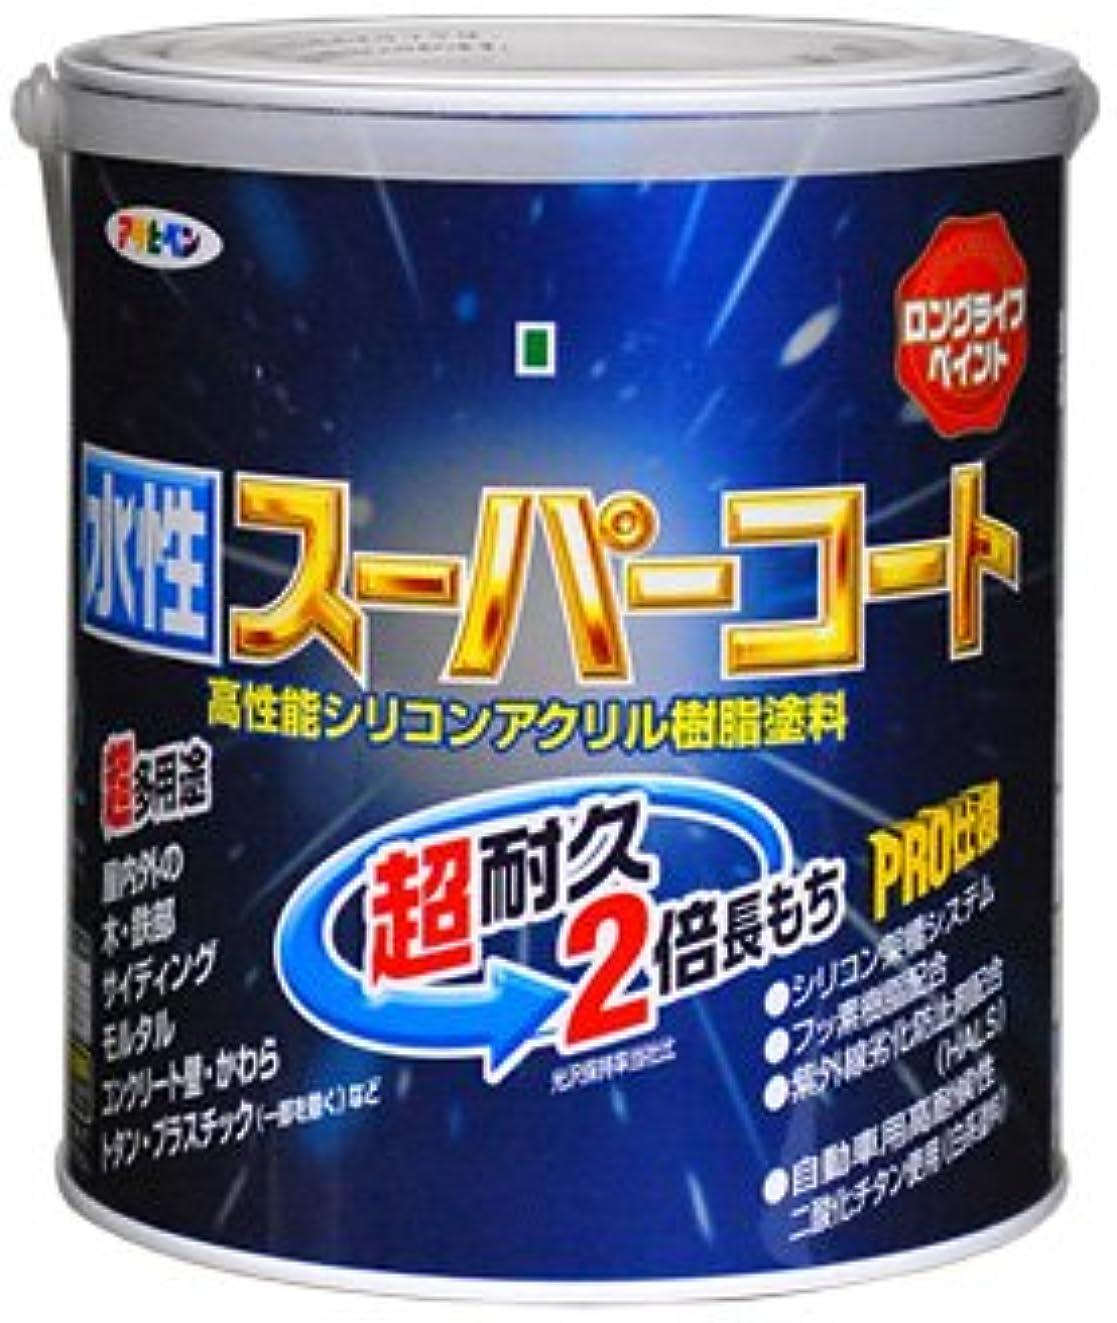 カジュアルコンパクトブースアサヒペン ペンキ 水性スーパーコート 水性多用途 緑 1.6L